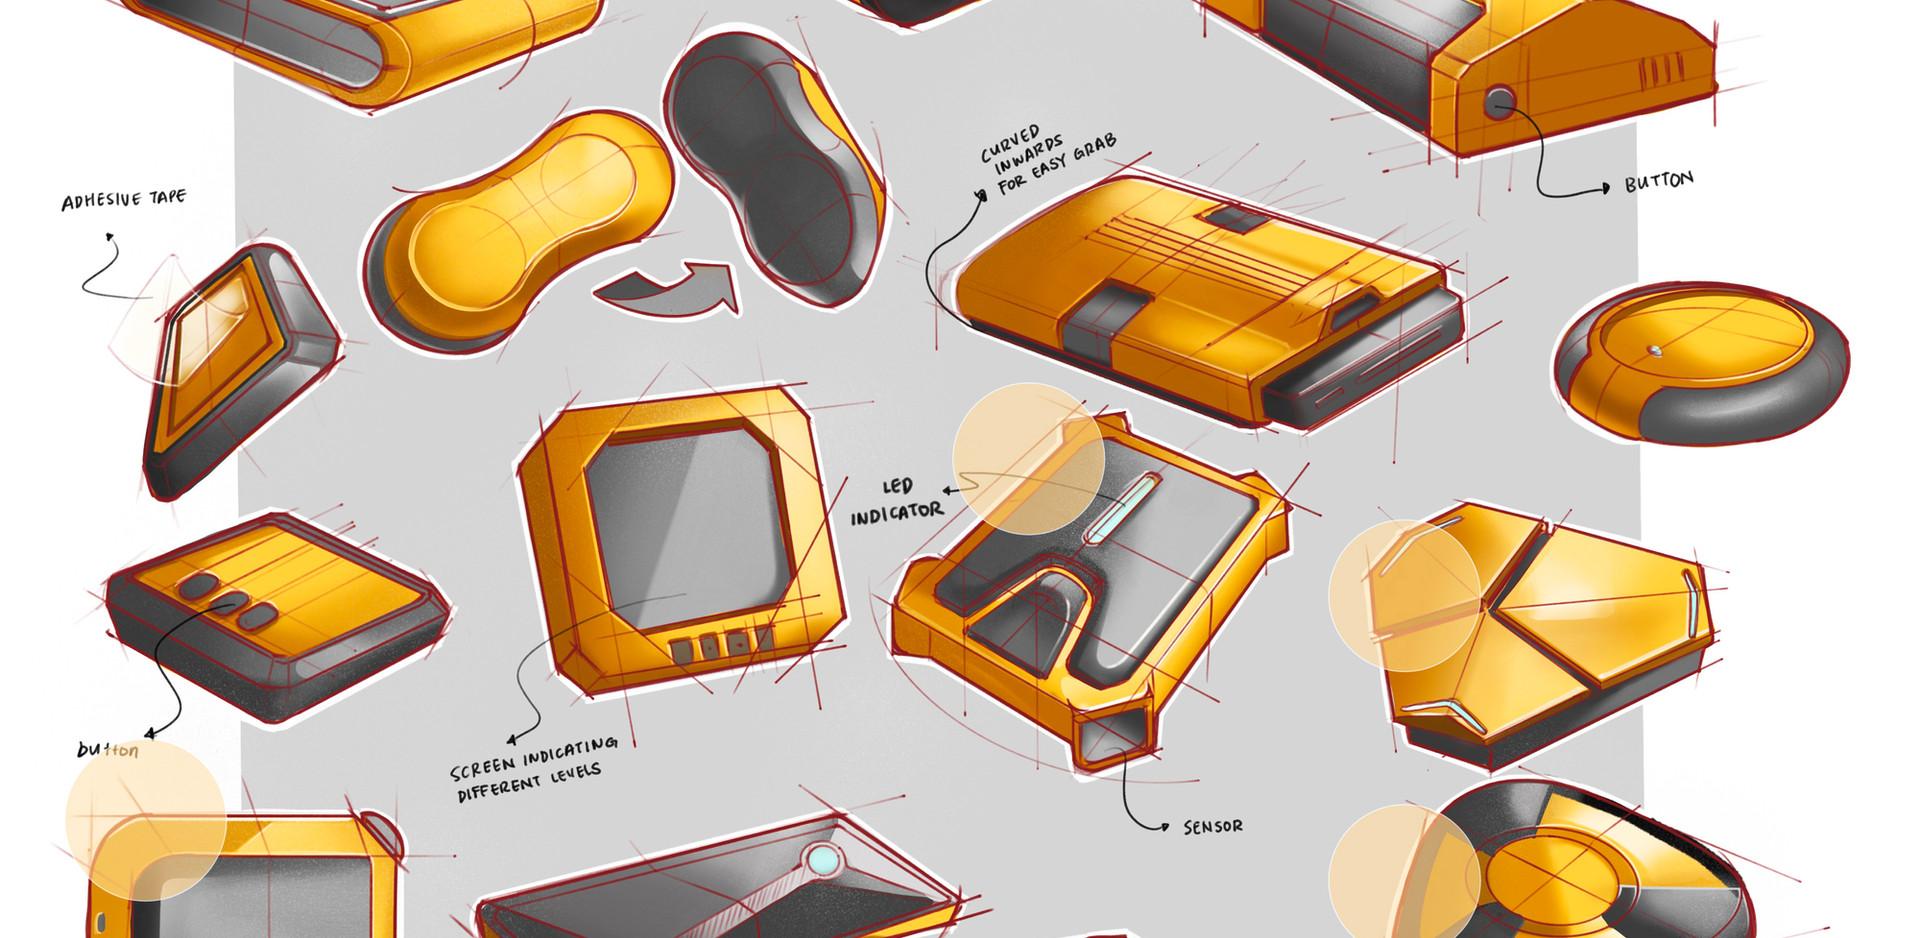 Sensor Sketches 01